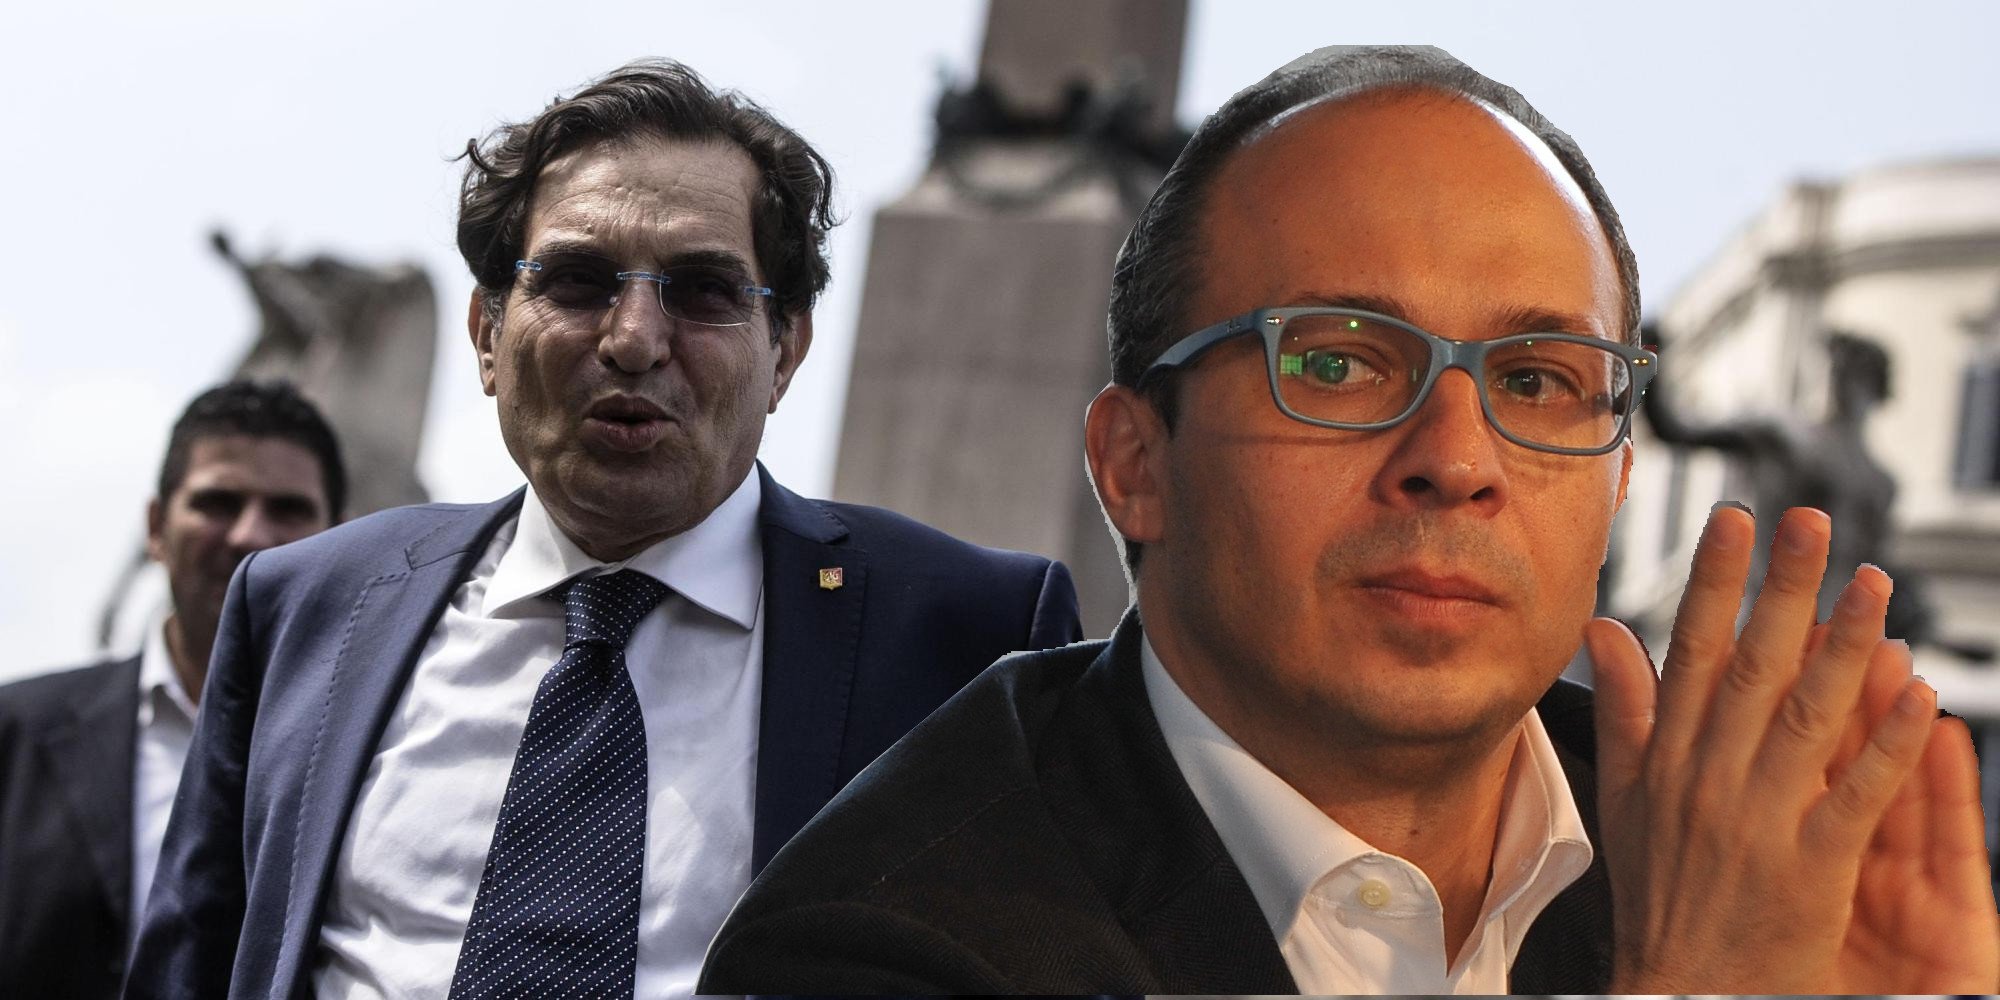 Regione/ Il nuovo 'Patto' Renzi-Crocetta è frutto di circonvenzione di incapace